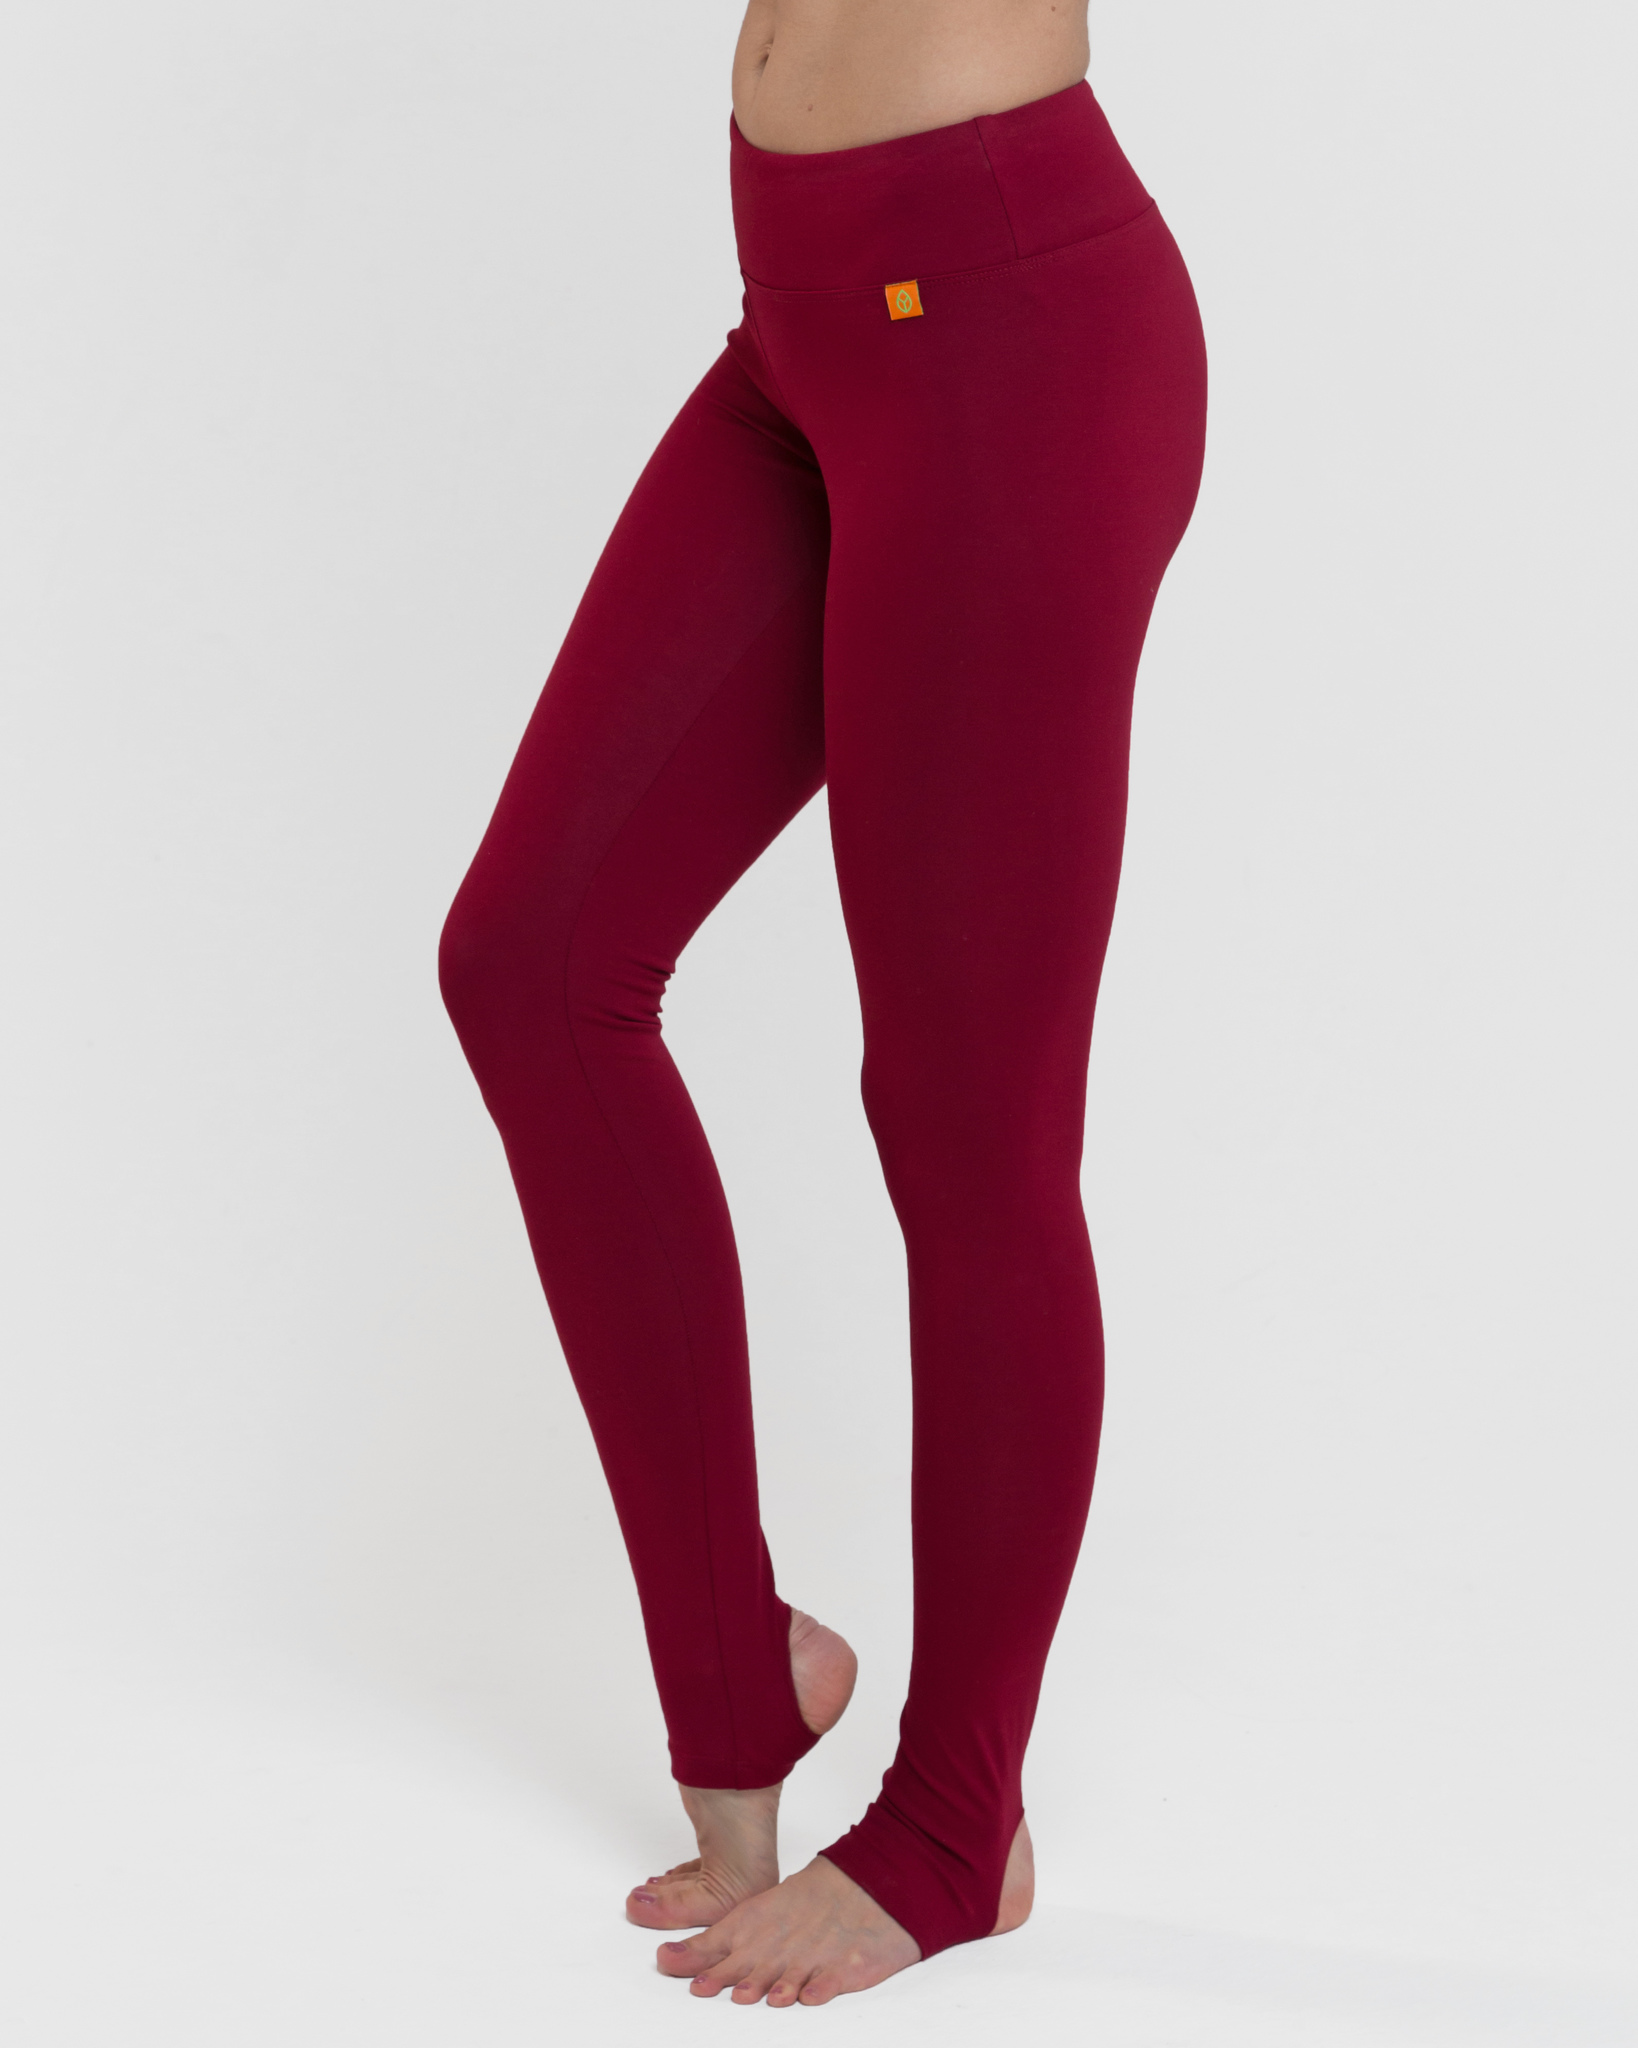 Тайтсы женские c открытой пяткой Miss Incredible бордовые YogaDress (0,2 кг, XS (42), бордо) тайтсы 3 4 kalenji мужские 3 4 тайтсы для бега run dry